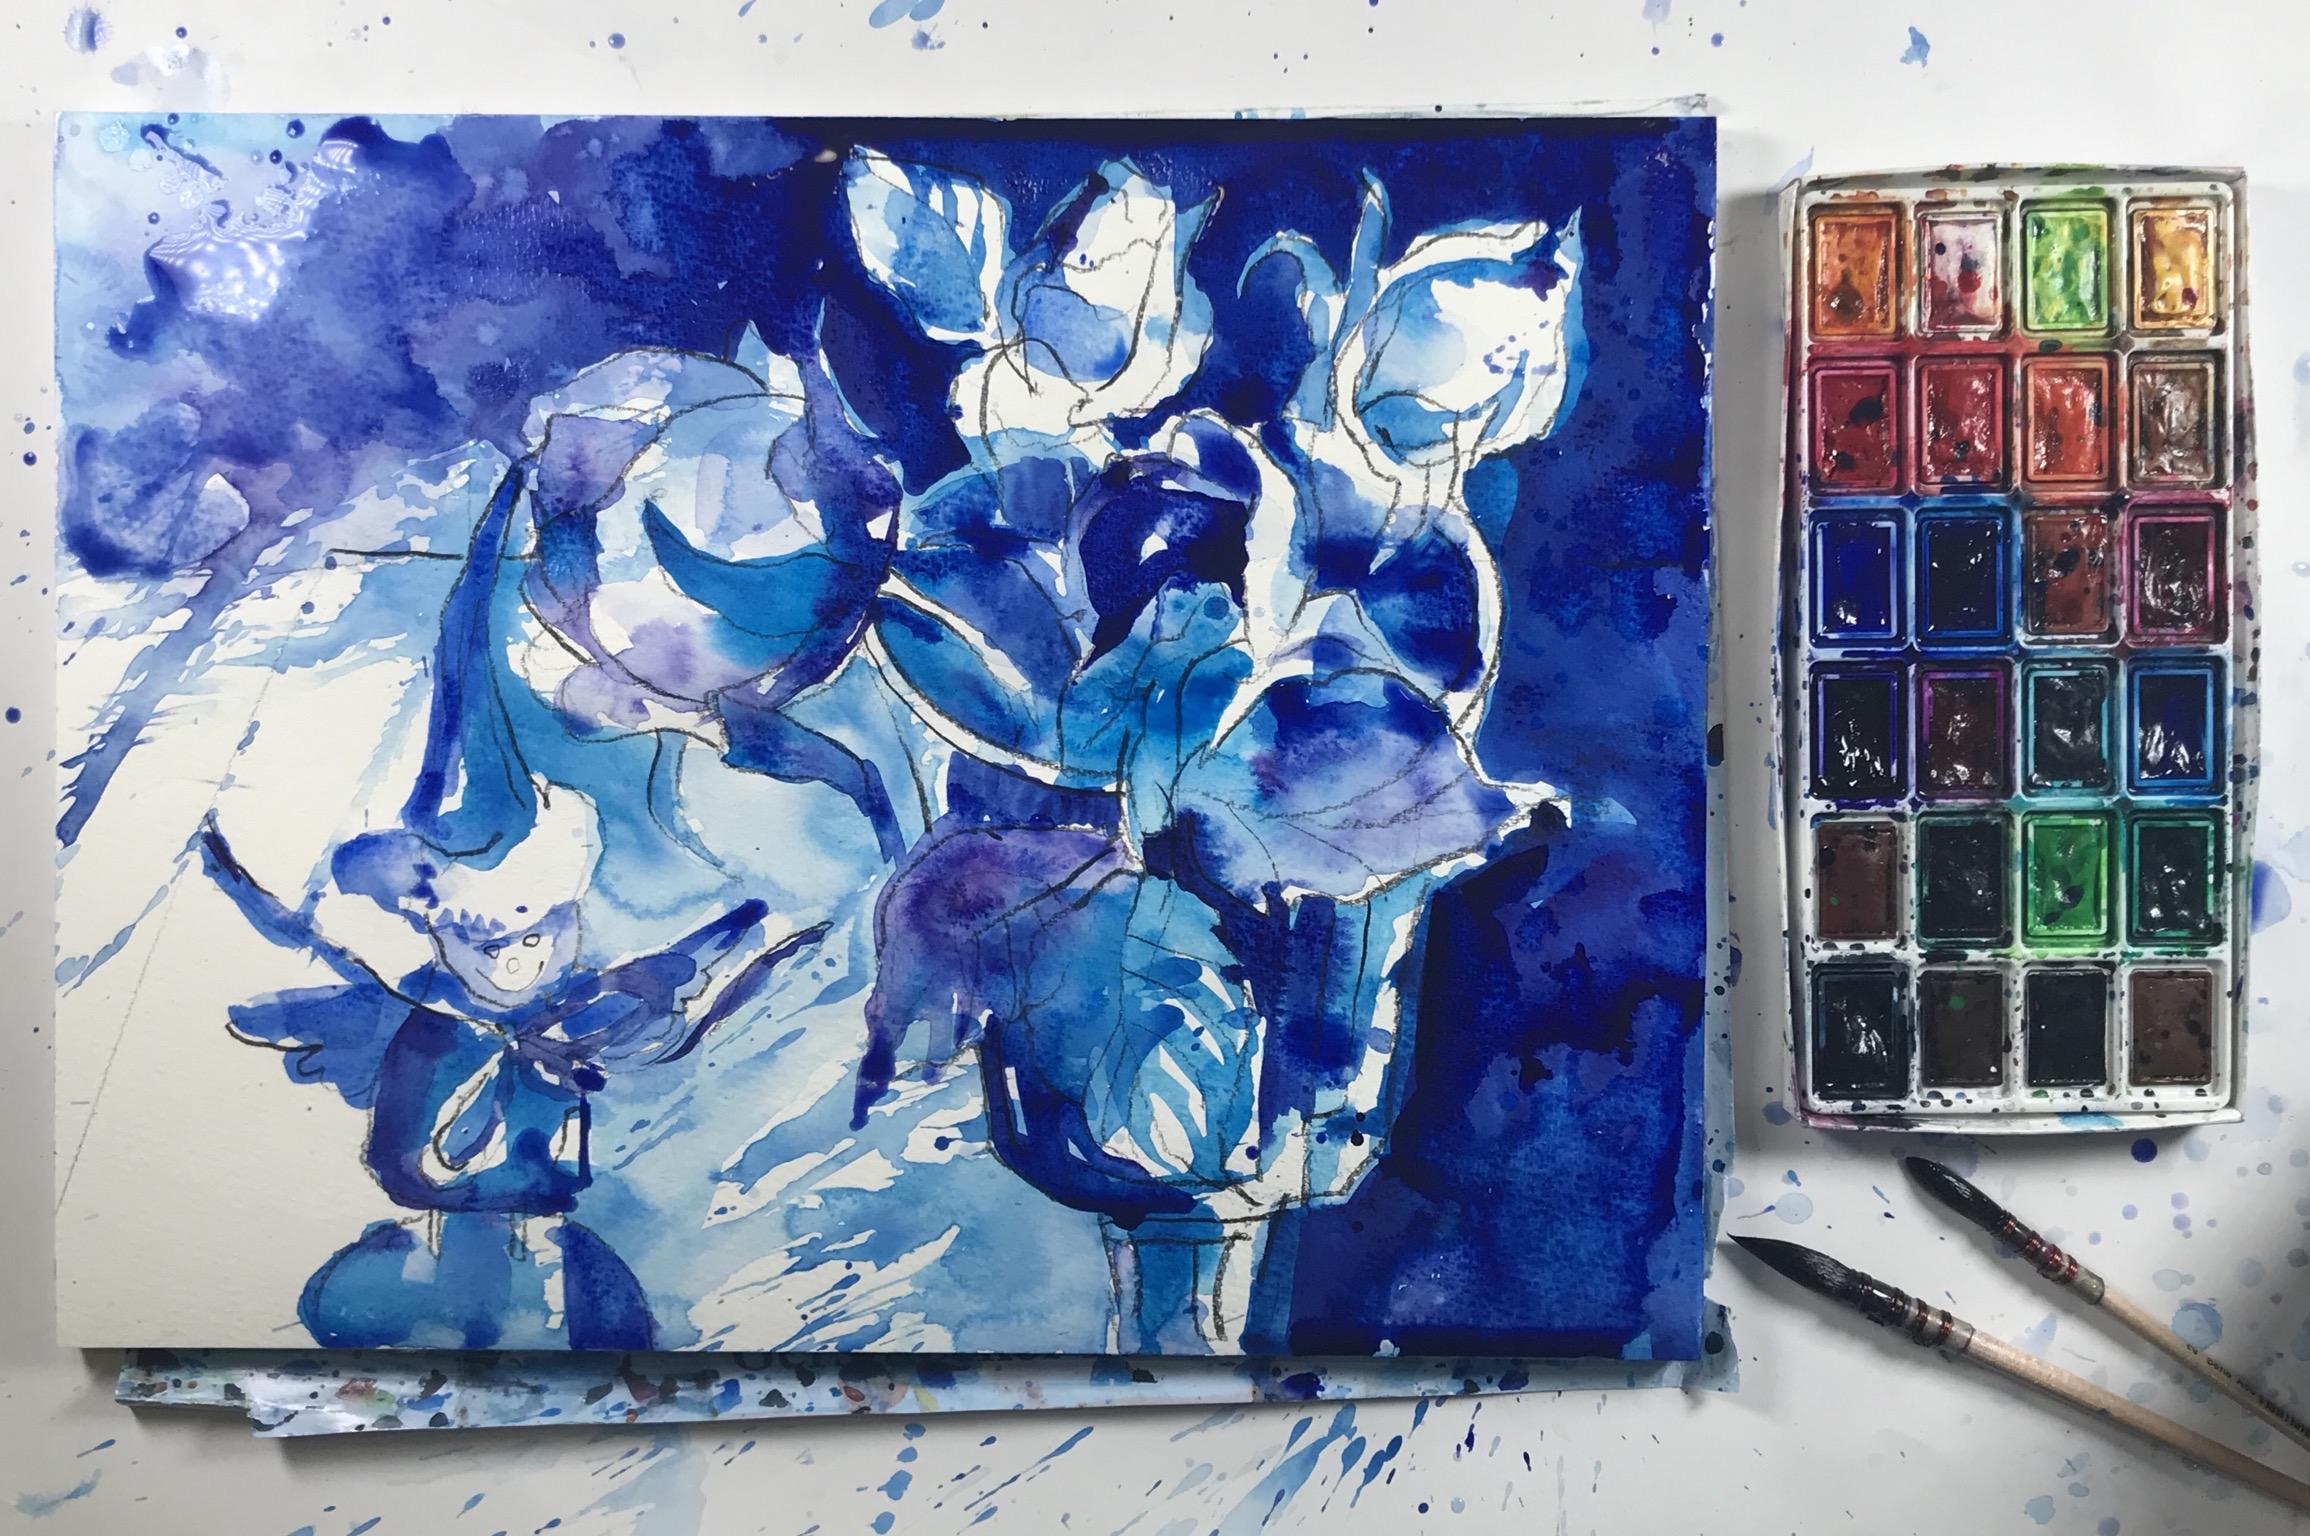 Синие композиции. Акварель (эмоциональные творческие работы в технике акваграфики)